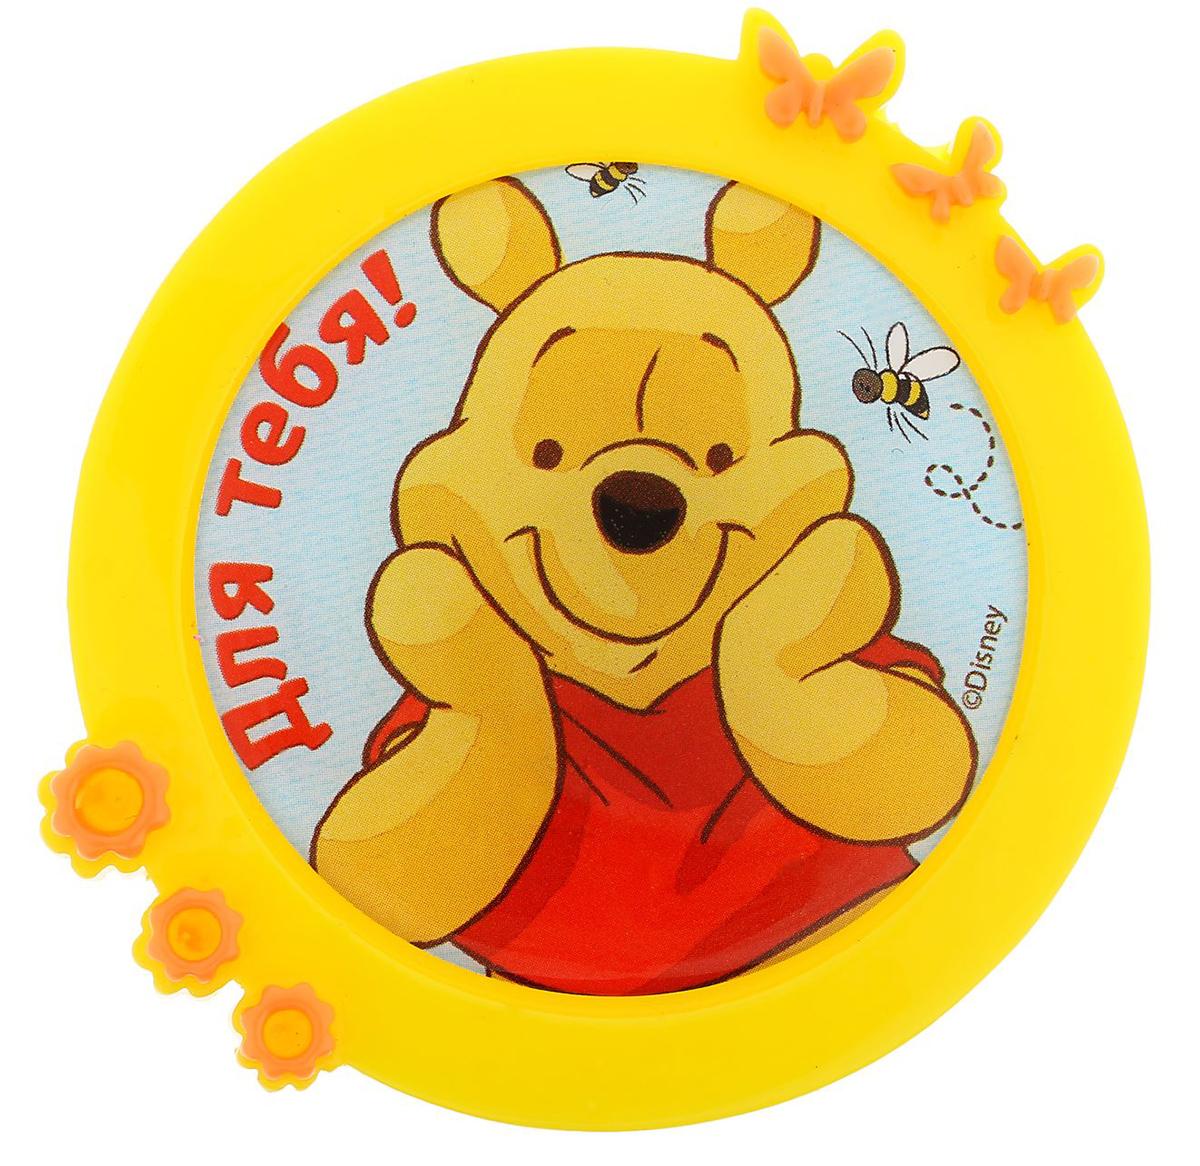 Магнит-рамка Disney Медвежонок Винни. Для тебя!, 6 х 6 см. 12568661256866Дарите радость с Disney. Удивите малышей уникальным сувениром с любимым персонажем! Он порадует ребенка стильным дизайном и ярким исполнением. Красочный акриловый магнит будет долгие годы украшать холодильник или другую металлическую поверхность. Изделие дополнено оригинальной открыткой, где можно написать теплые слова и сделать маленький подарок более личным.Соберите коллекцию аксессуаров с любимыми героями!